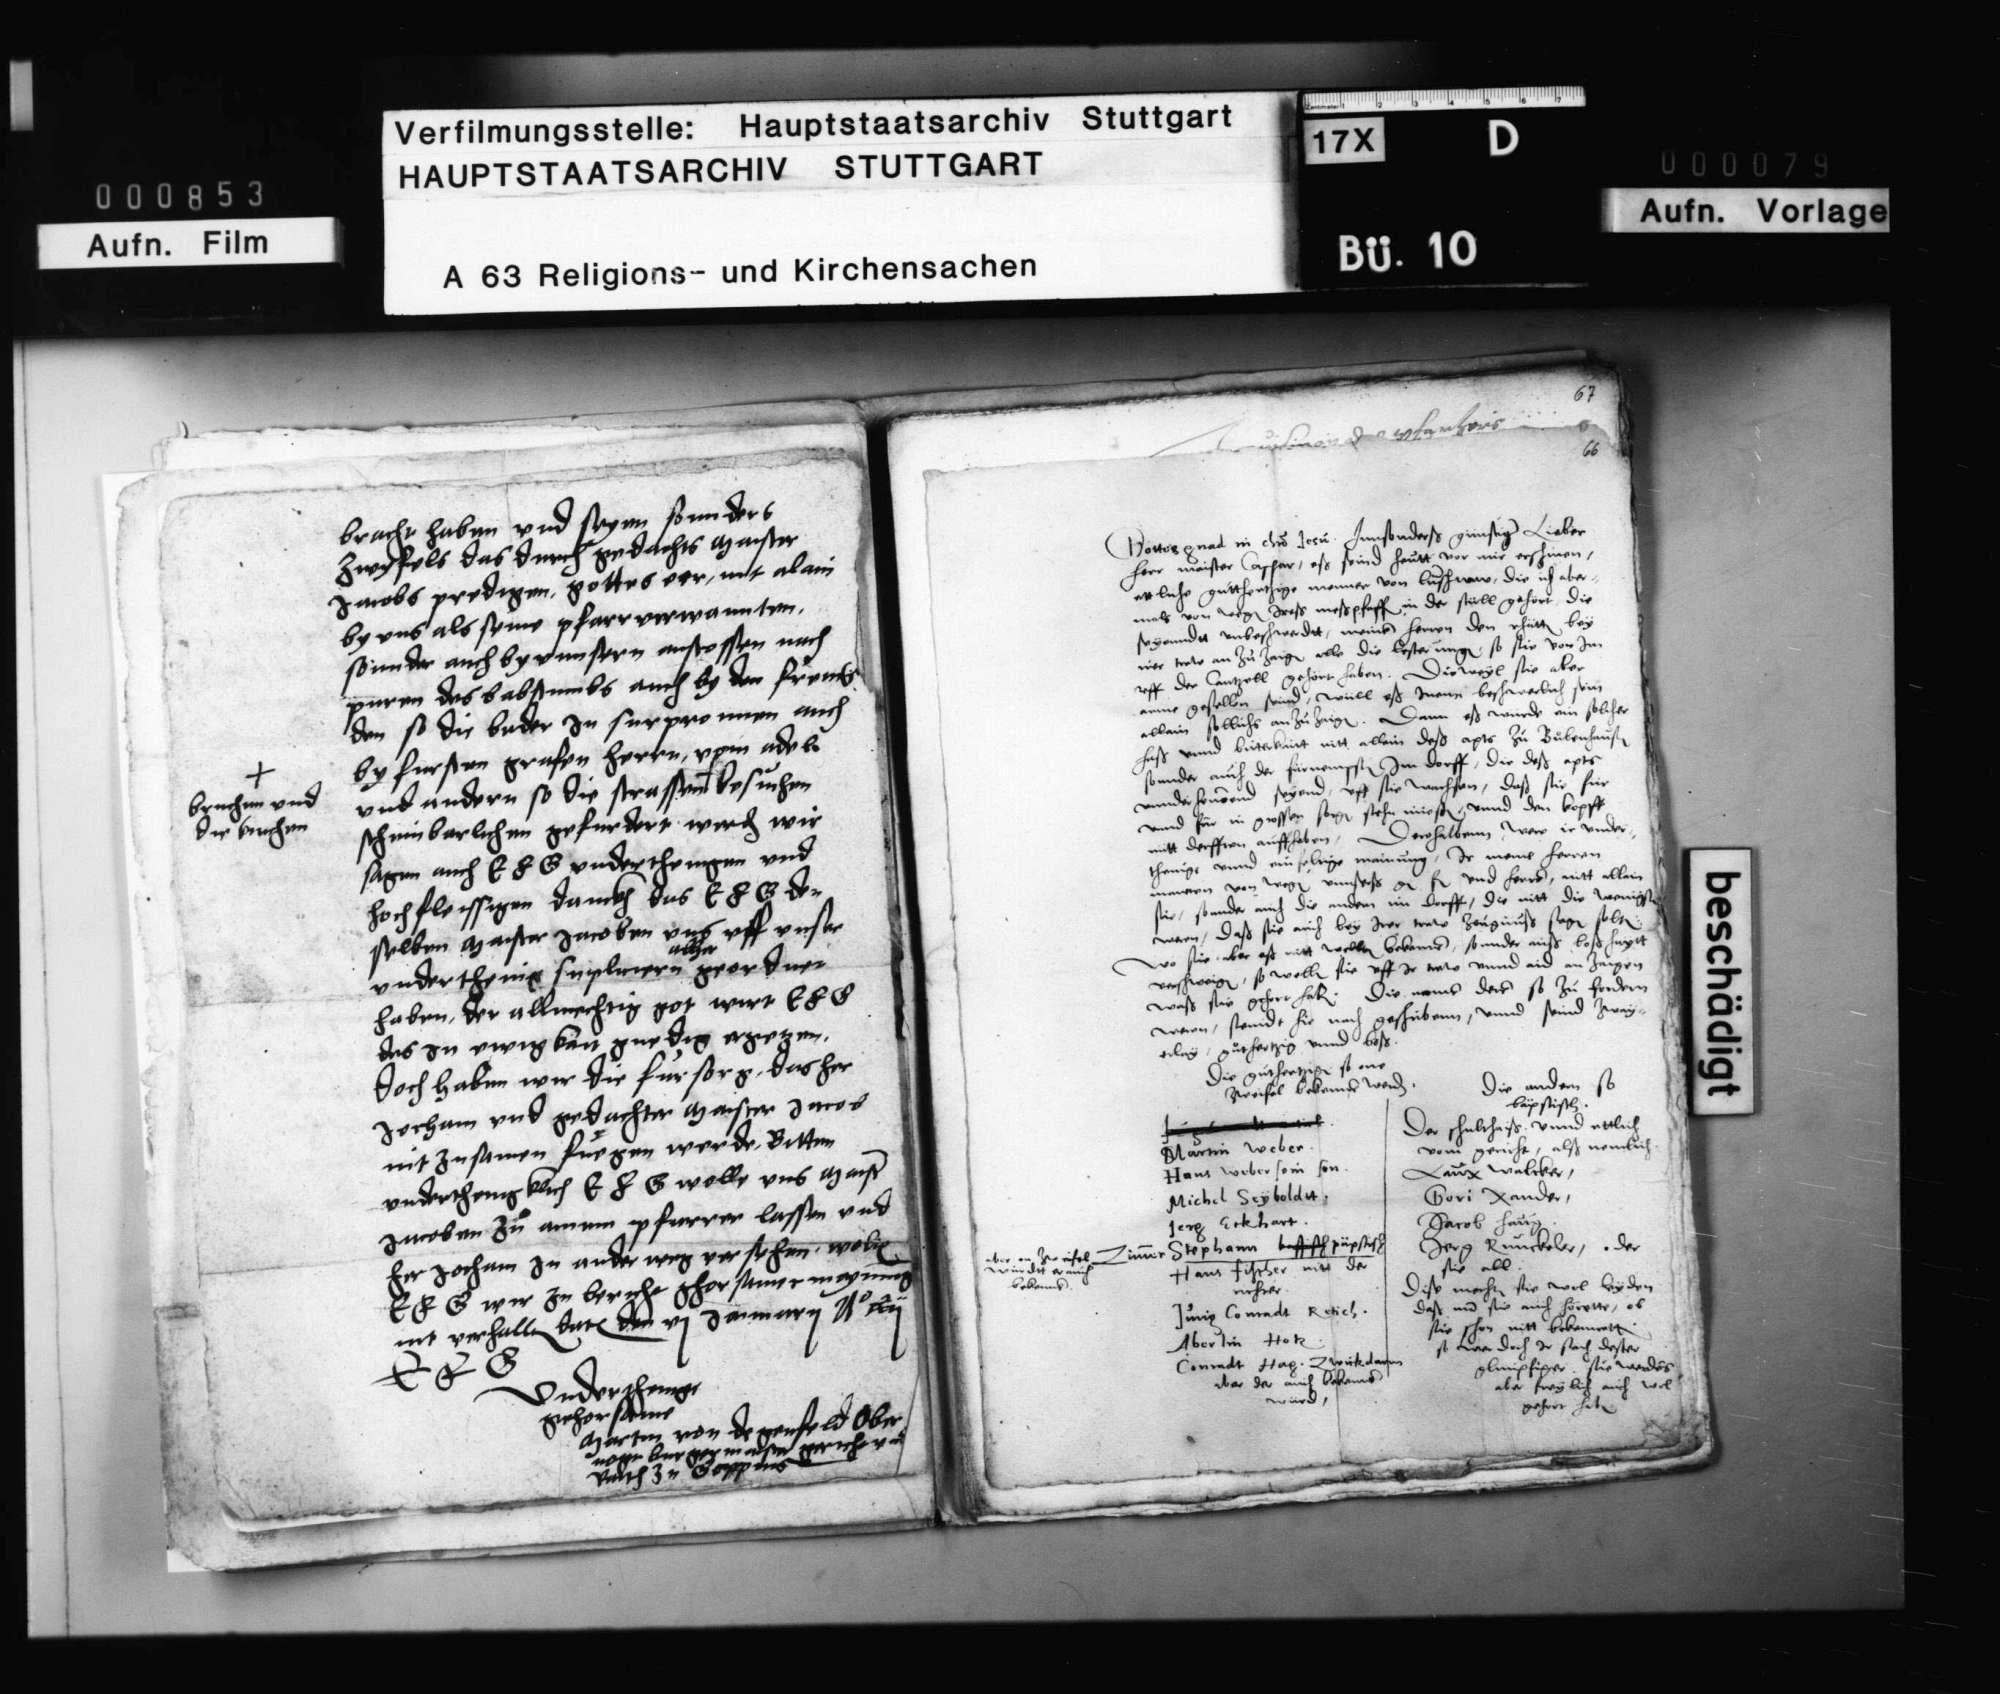 Schreiben aus Göppingen, betreffend die amtliche Tätigkeit des Magisters Jakob Schmidlin (Andreä)., Bild 2